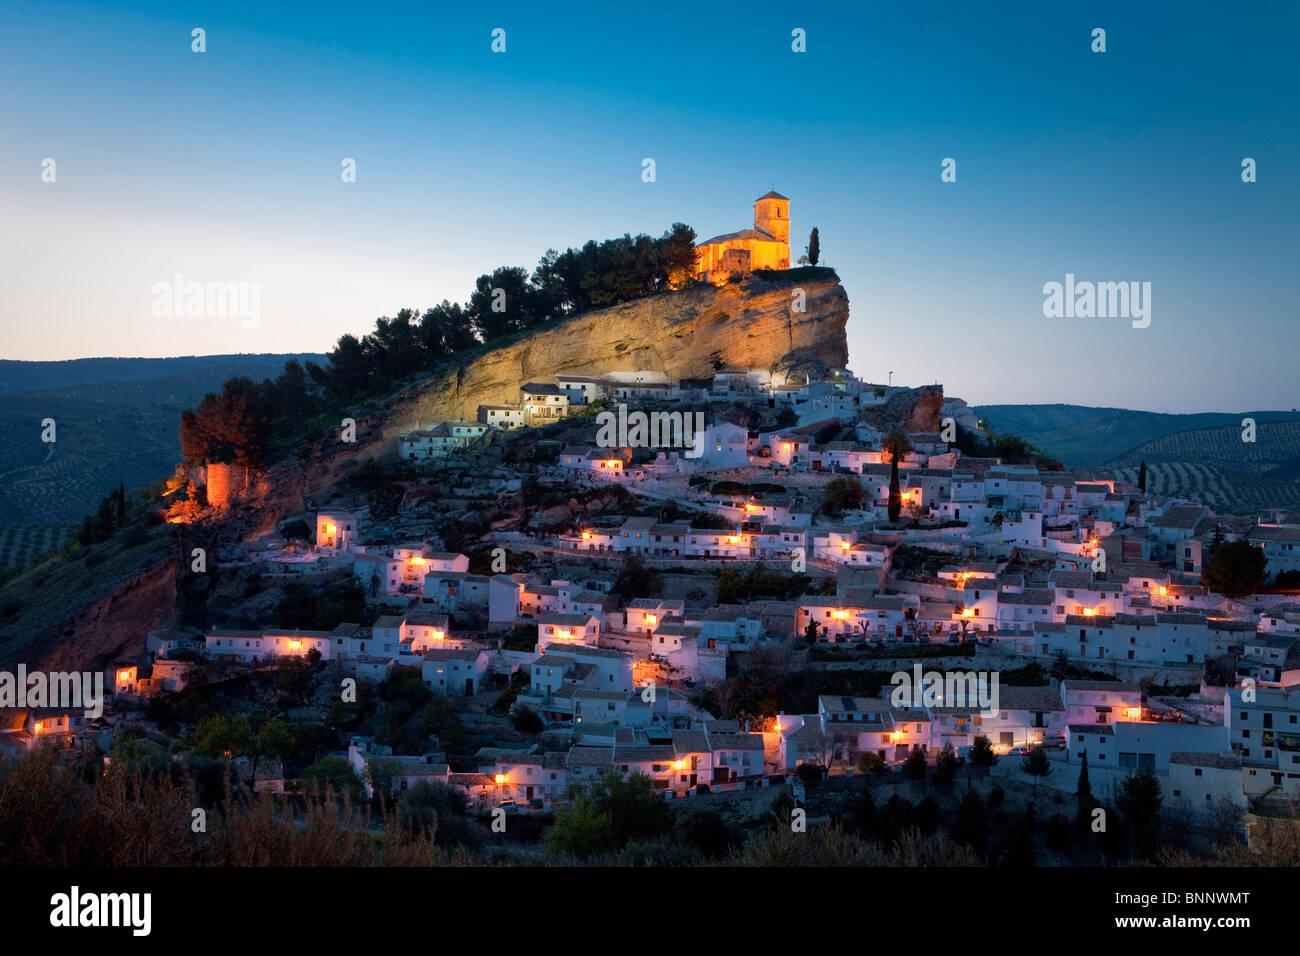 Andalucía España Montefrio Hill de la ciudad de noche viaje Viajes turismo vacaciones vacaciones Imagen De Stock